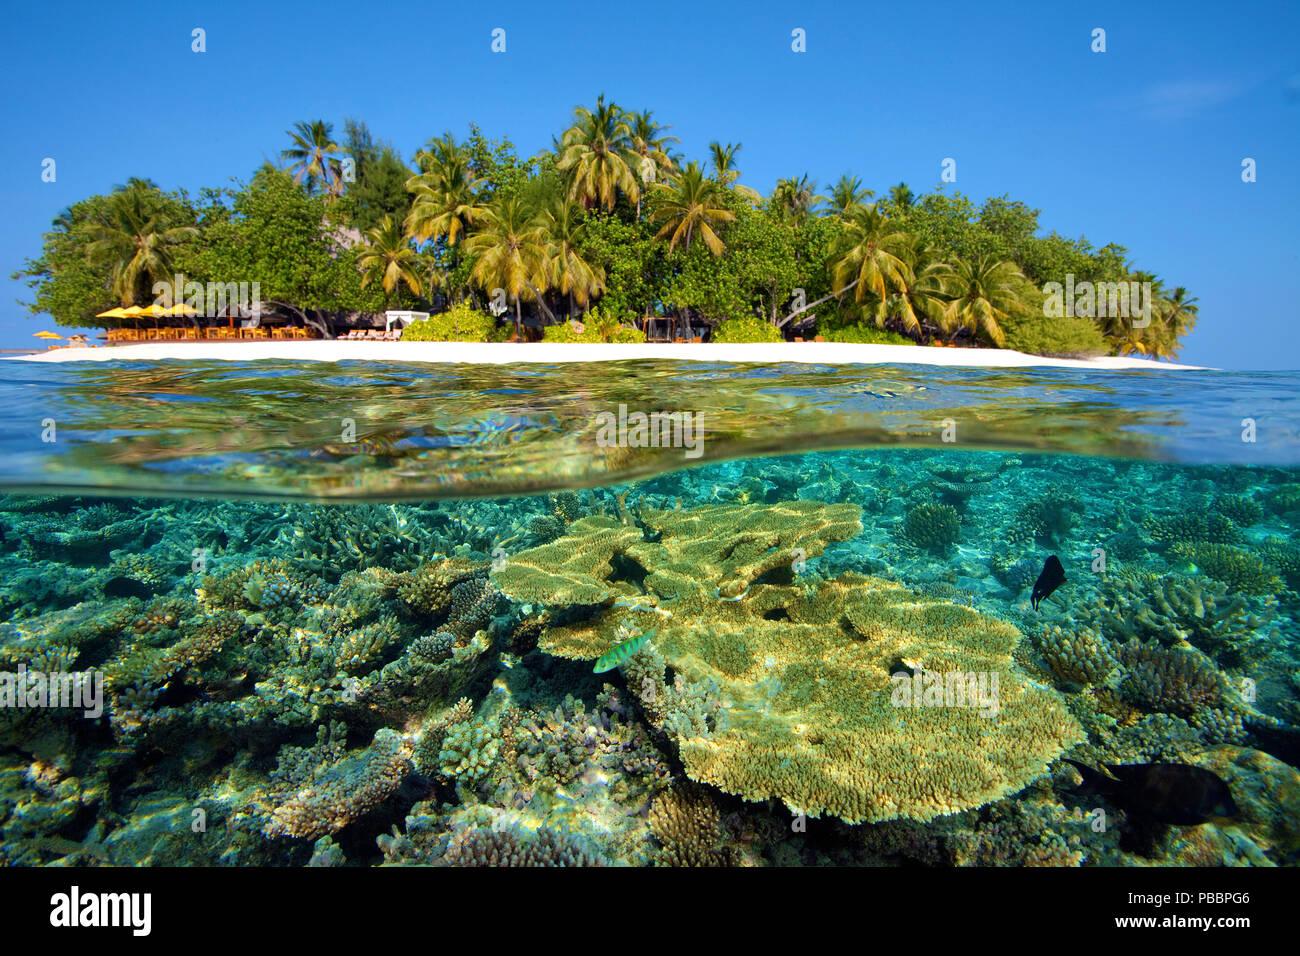 Les récifs coralliens de l'île à l'Angsana Ihuru island (ancien nom), split, image North-Male Atoll, Maldives Photo Stock